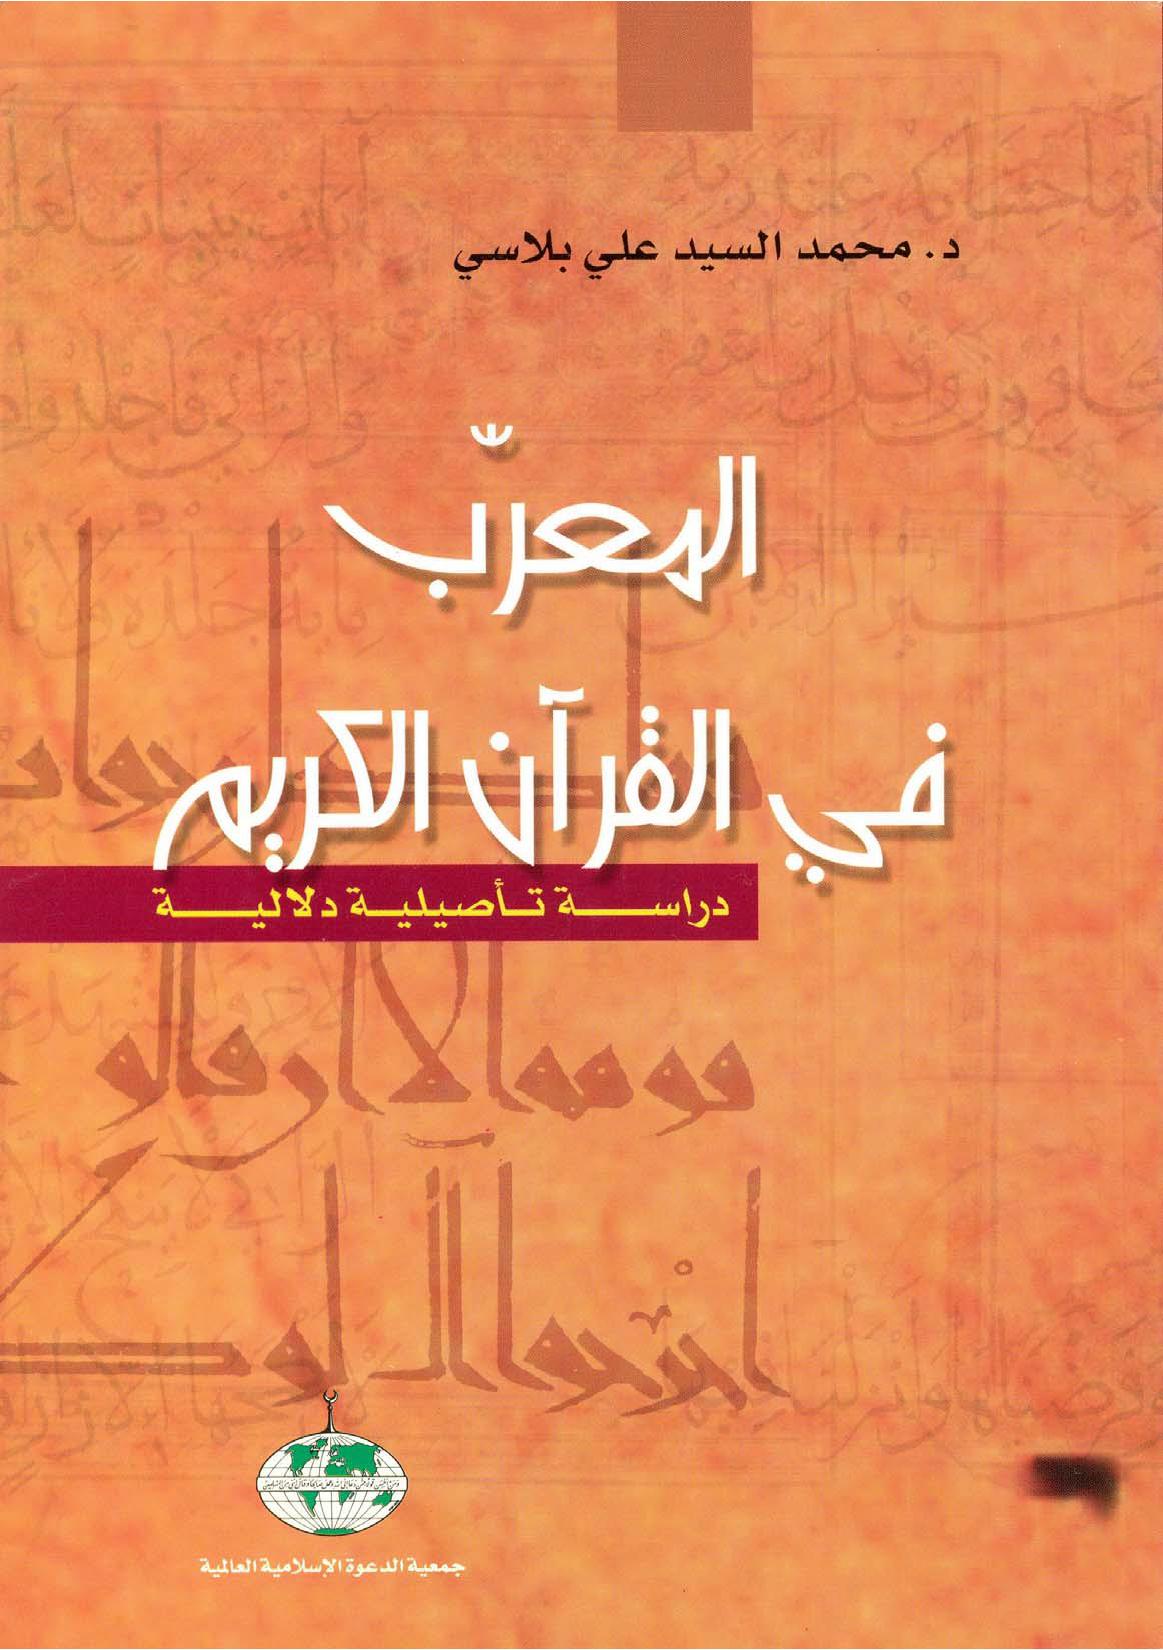 تحميل كتاب المعرب في القرآن الكريم: دراسة تأصيلية دلالية لـِ: الدكتور محمد السيد علي بلاسي